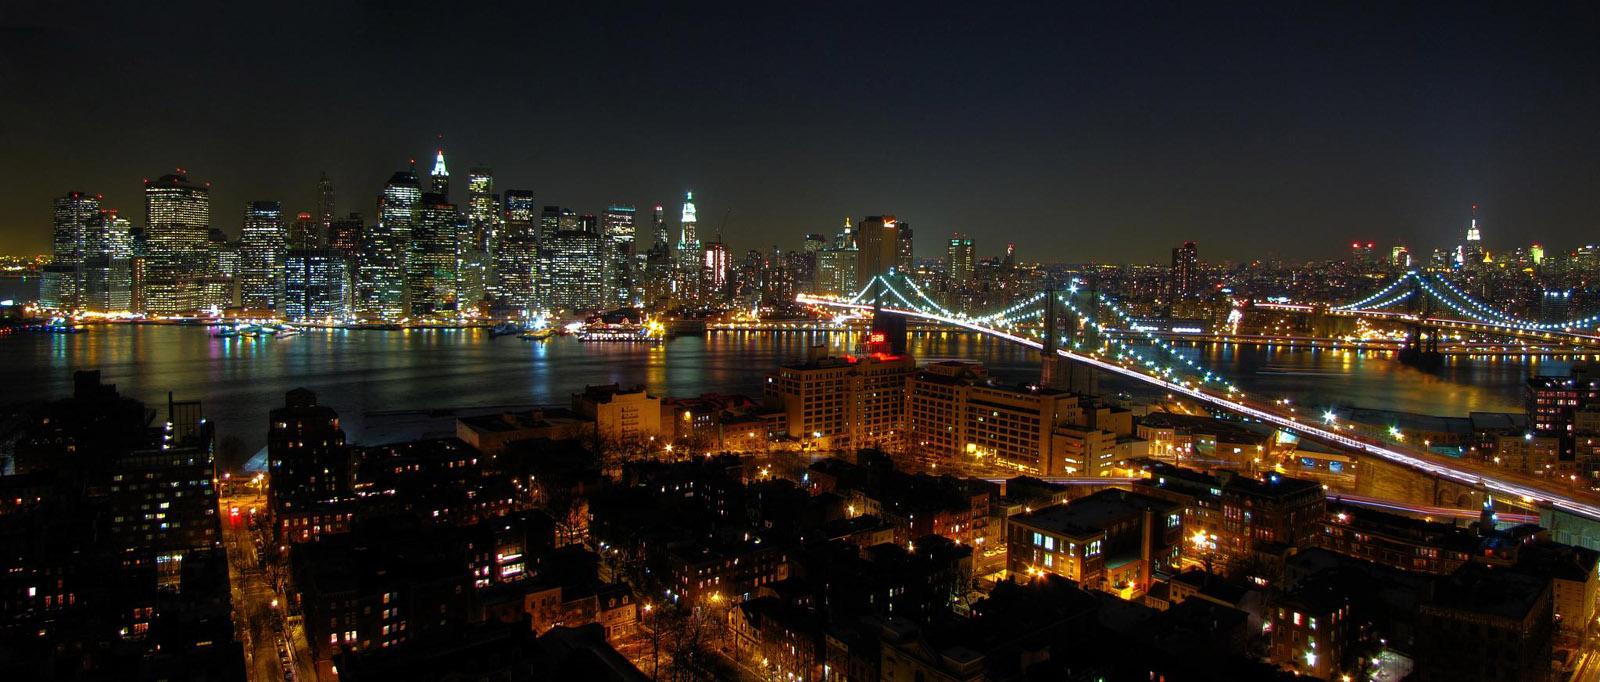 New york dan gece manzaraları hd duvar kağıtları resimler